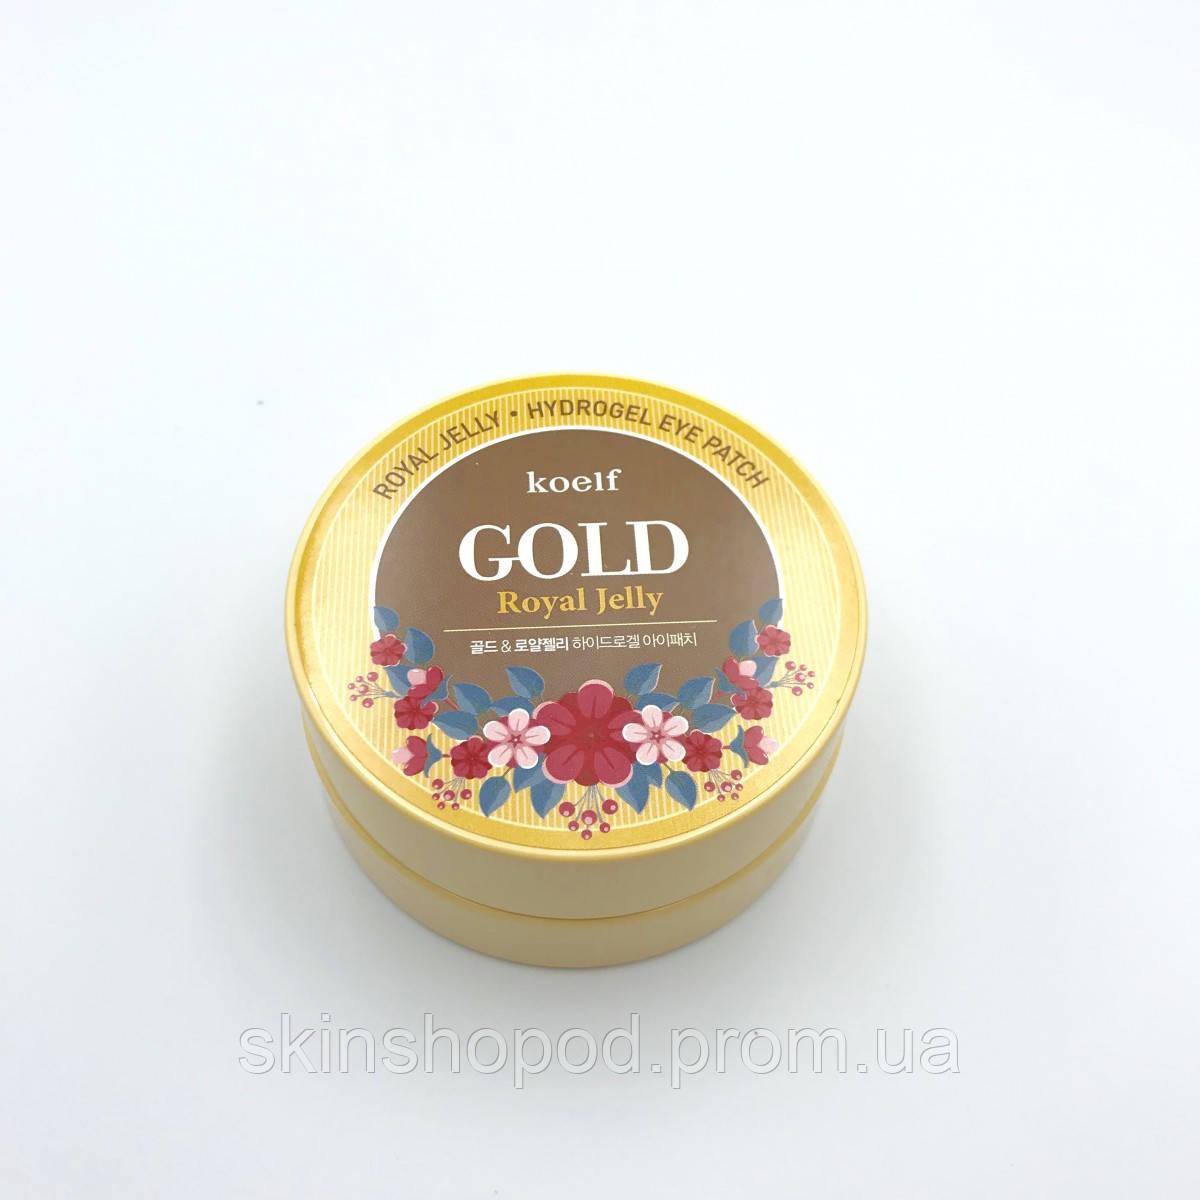 Многофункциональные патчи с коллоидным золотом и маточным молочком Koelf Gold Royal Jelly Eye Patch - 60 шт